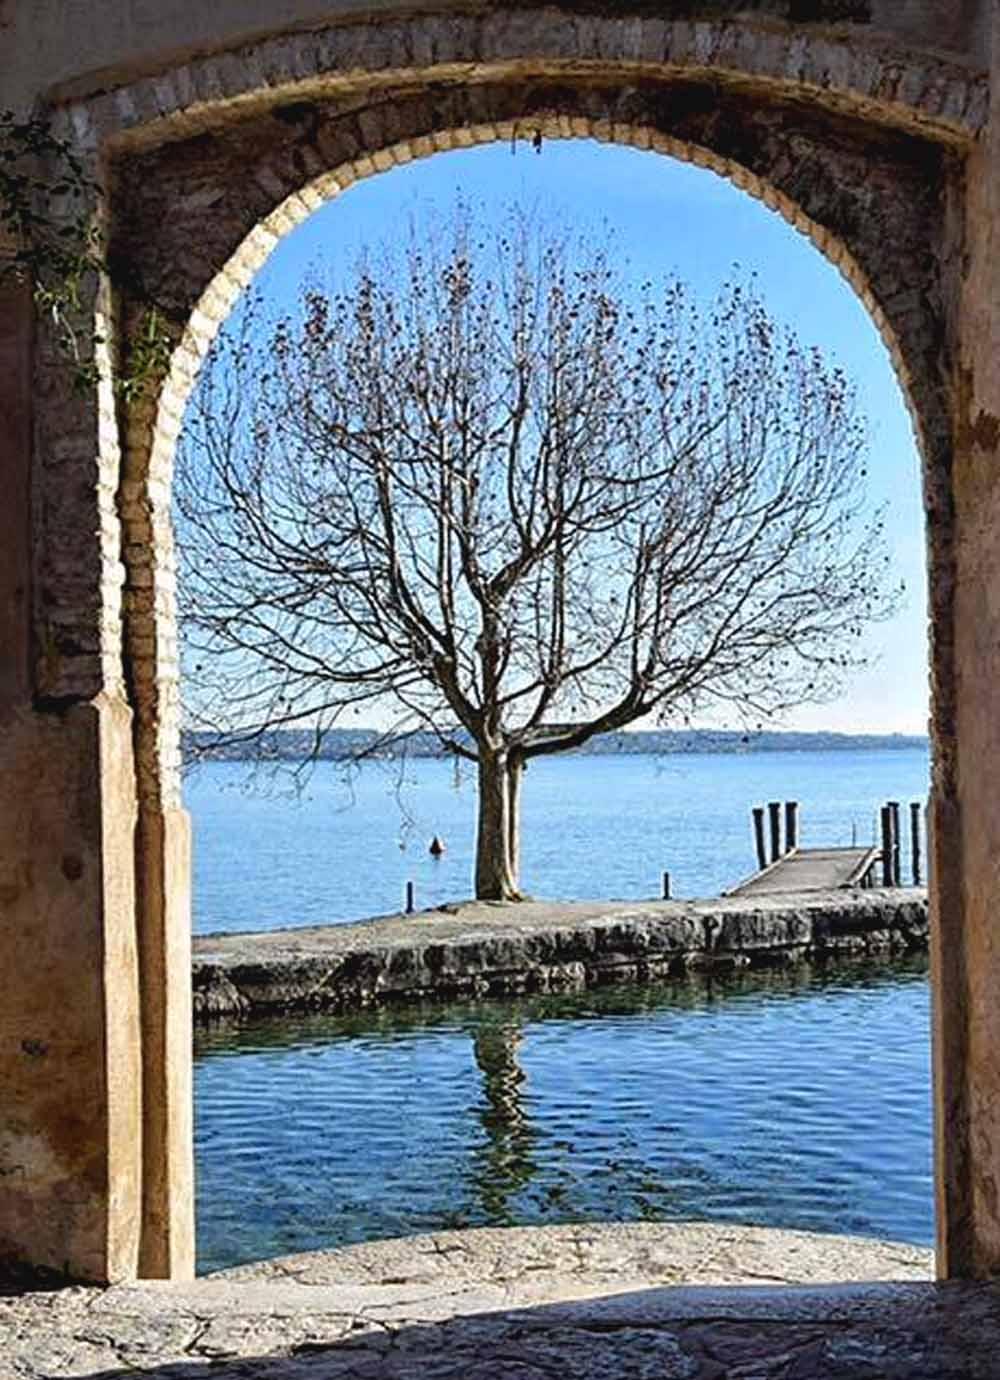 Tours - Excursion on Island Lake Garda (photo 8)